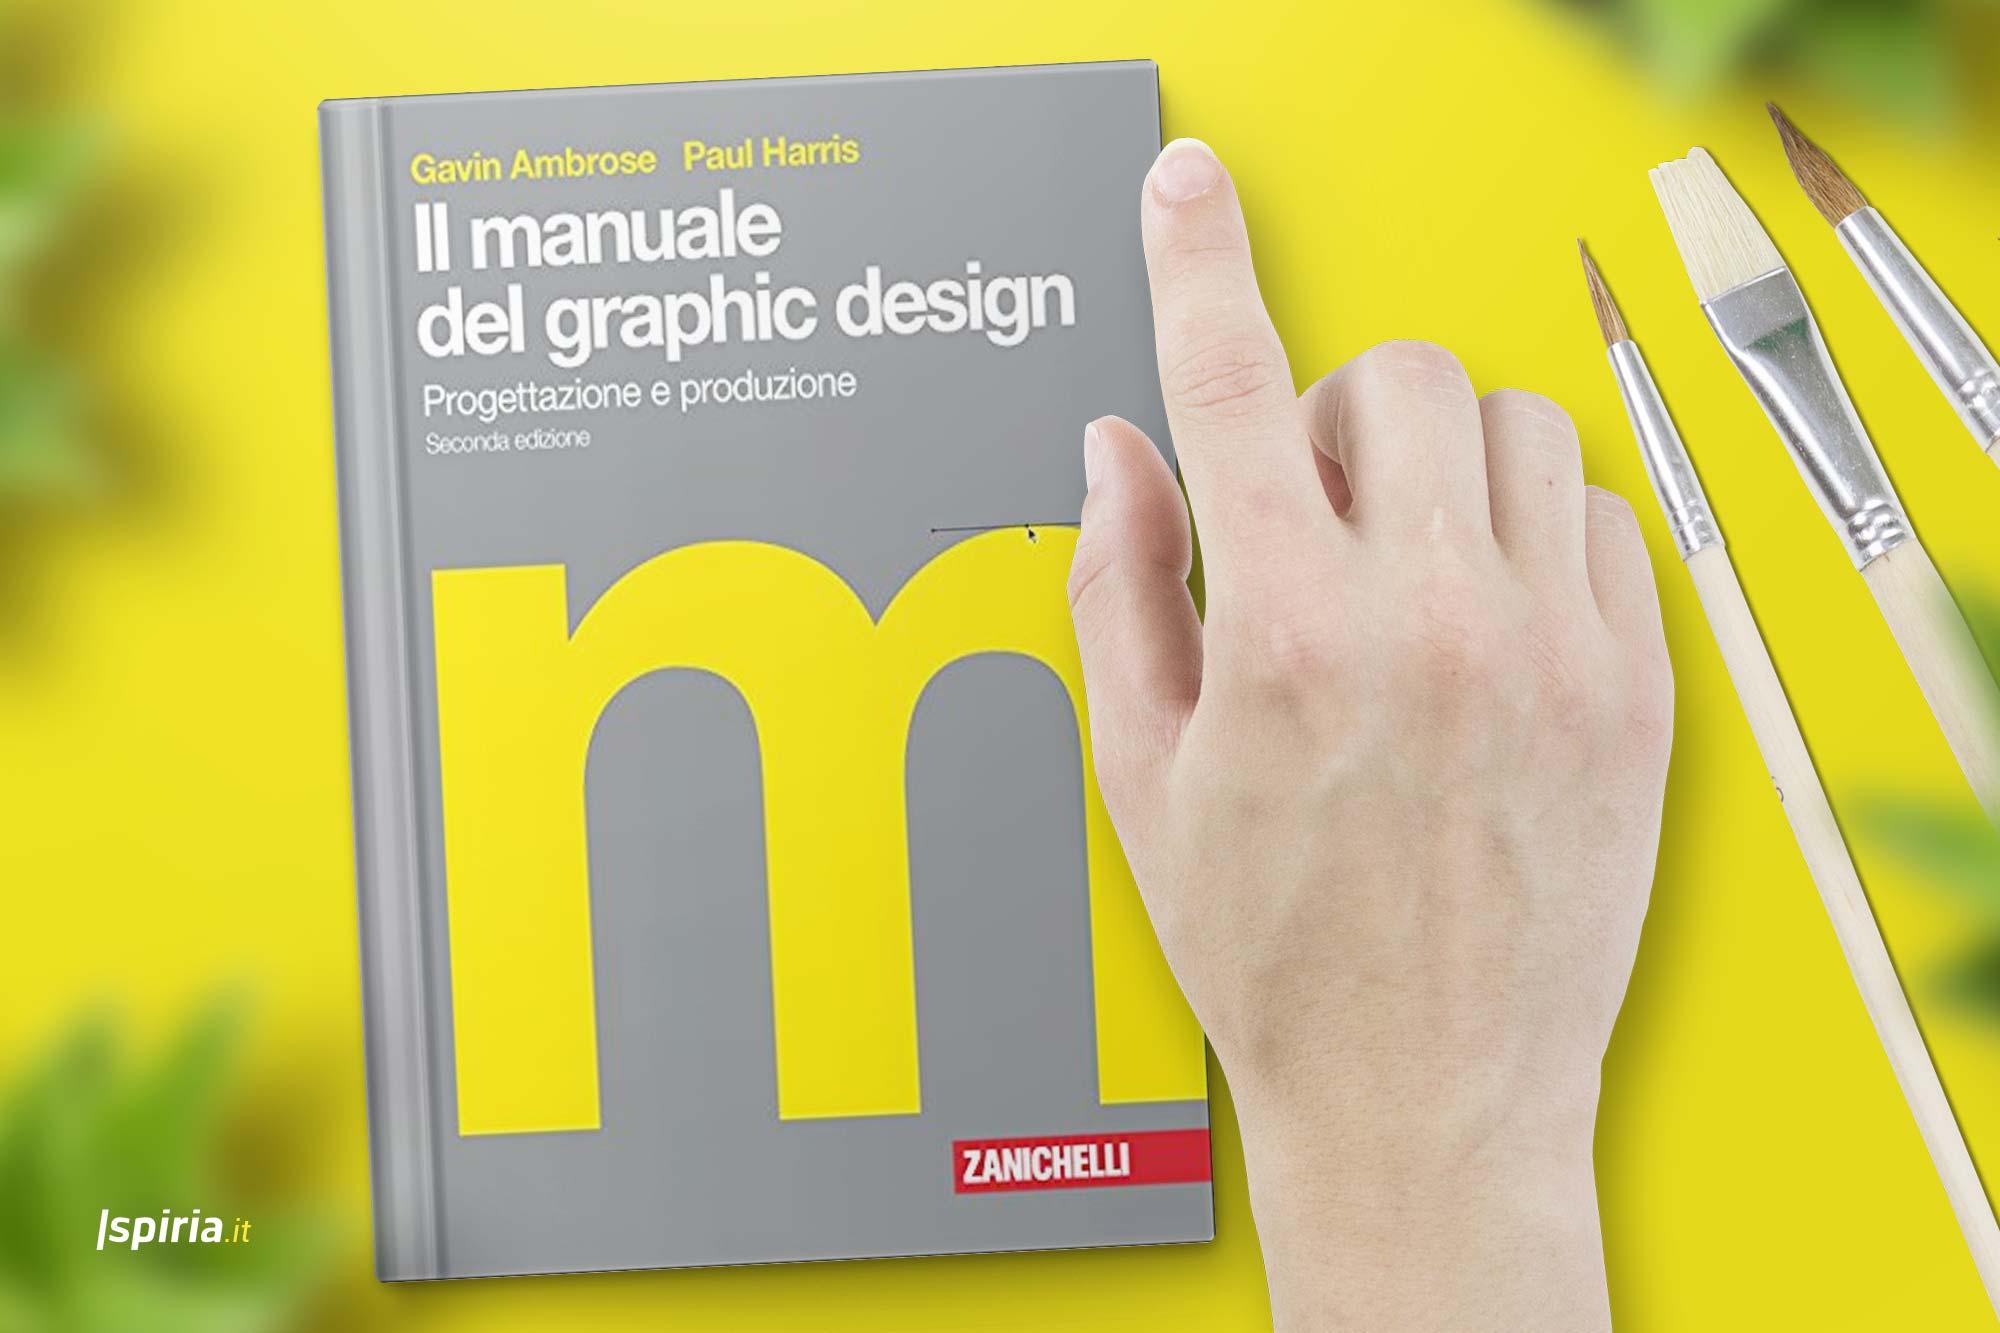 Migliore libro di grafica - Manuale Graphic design